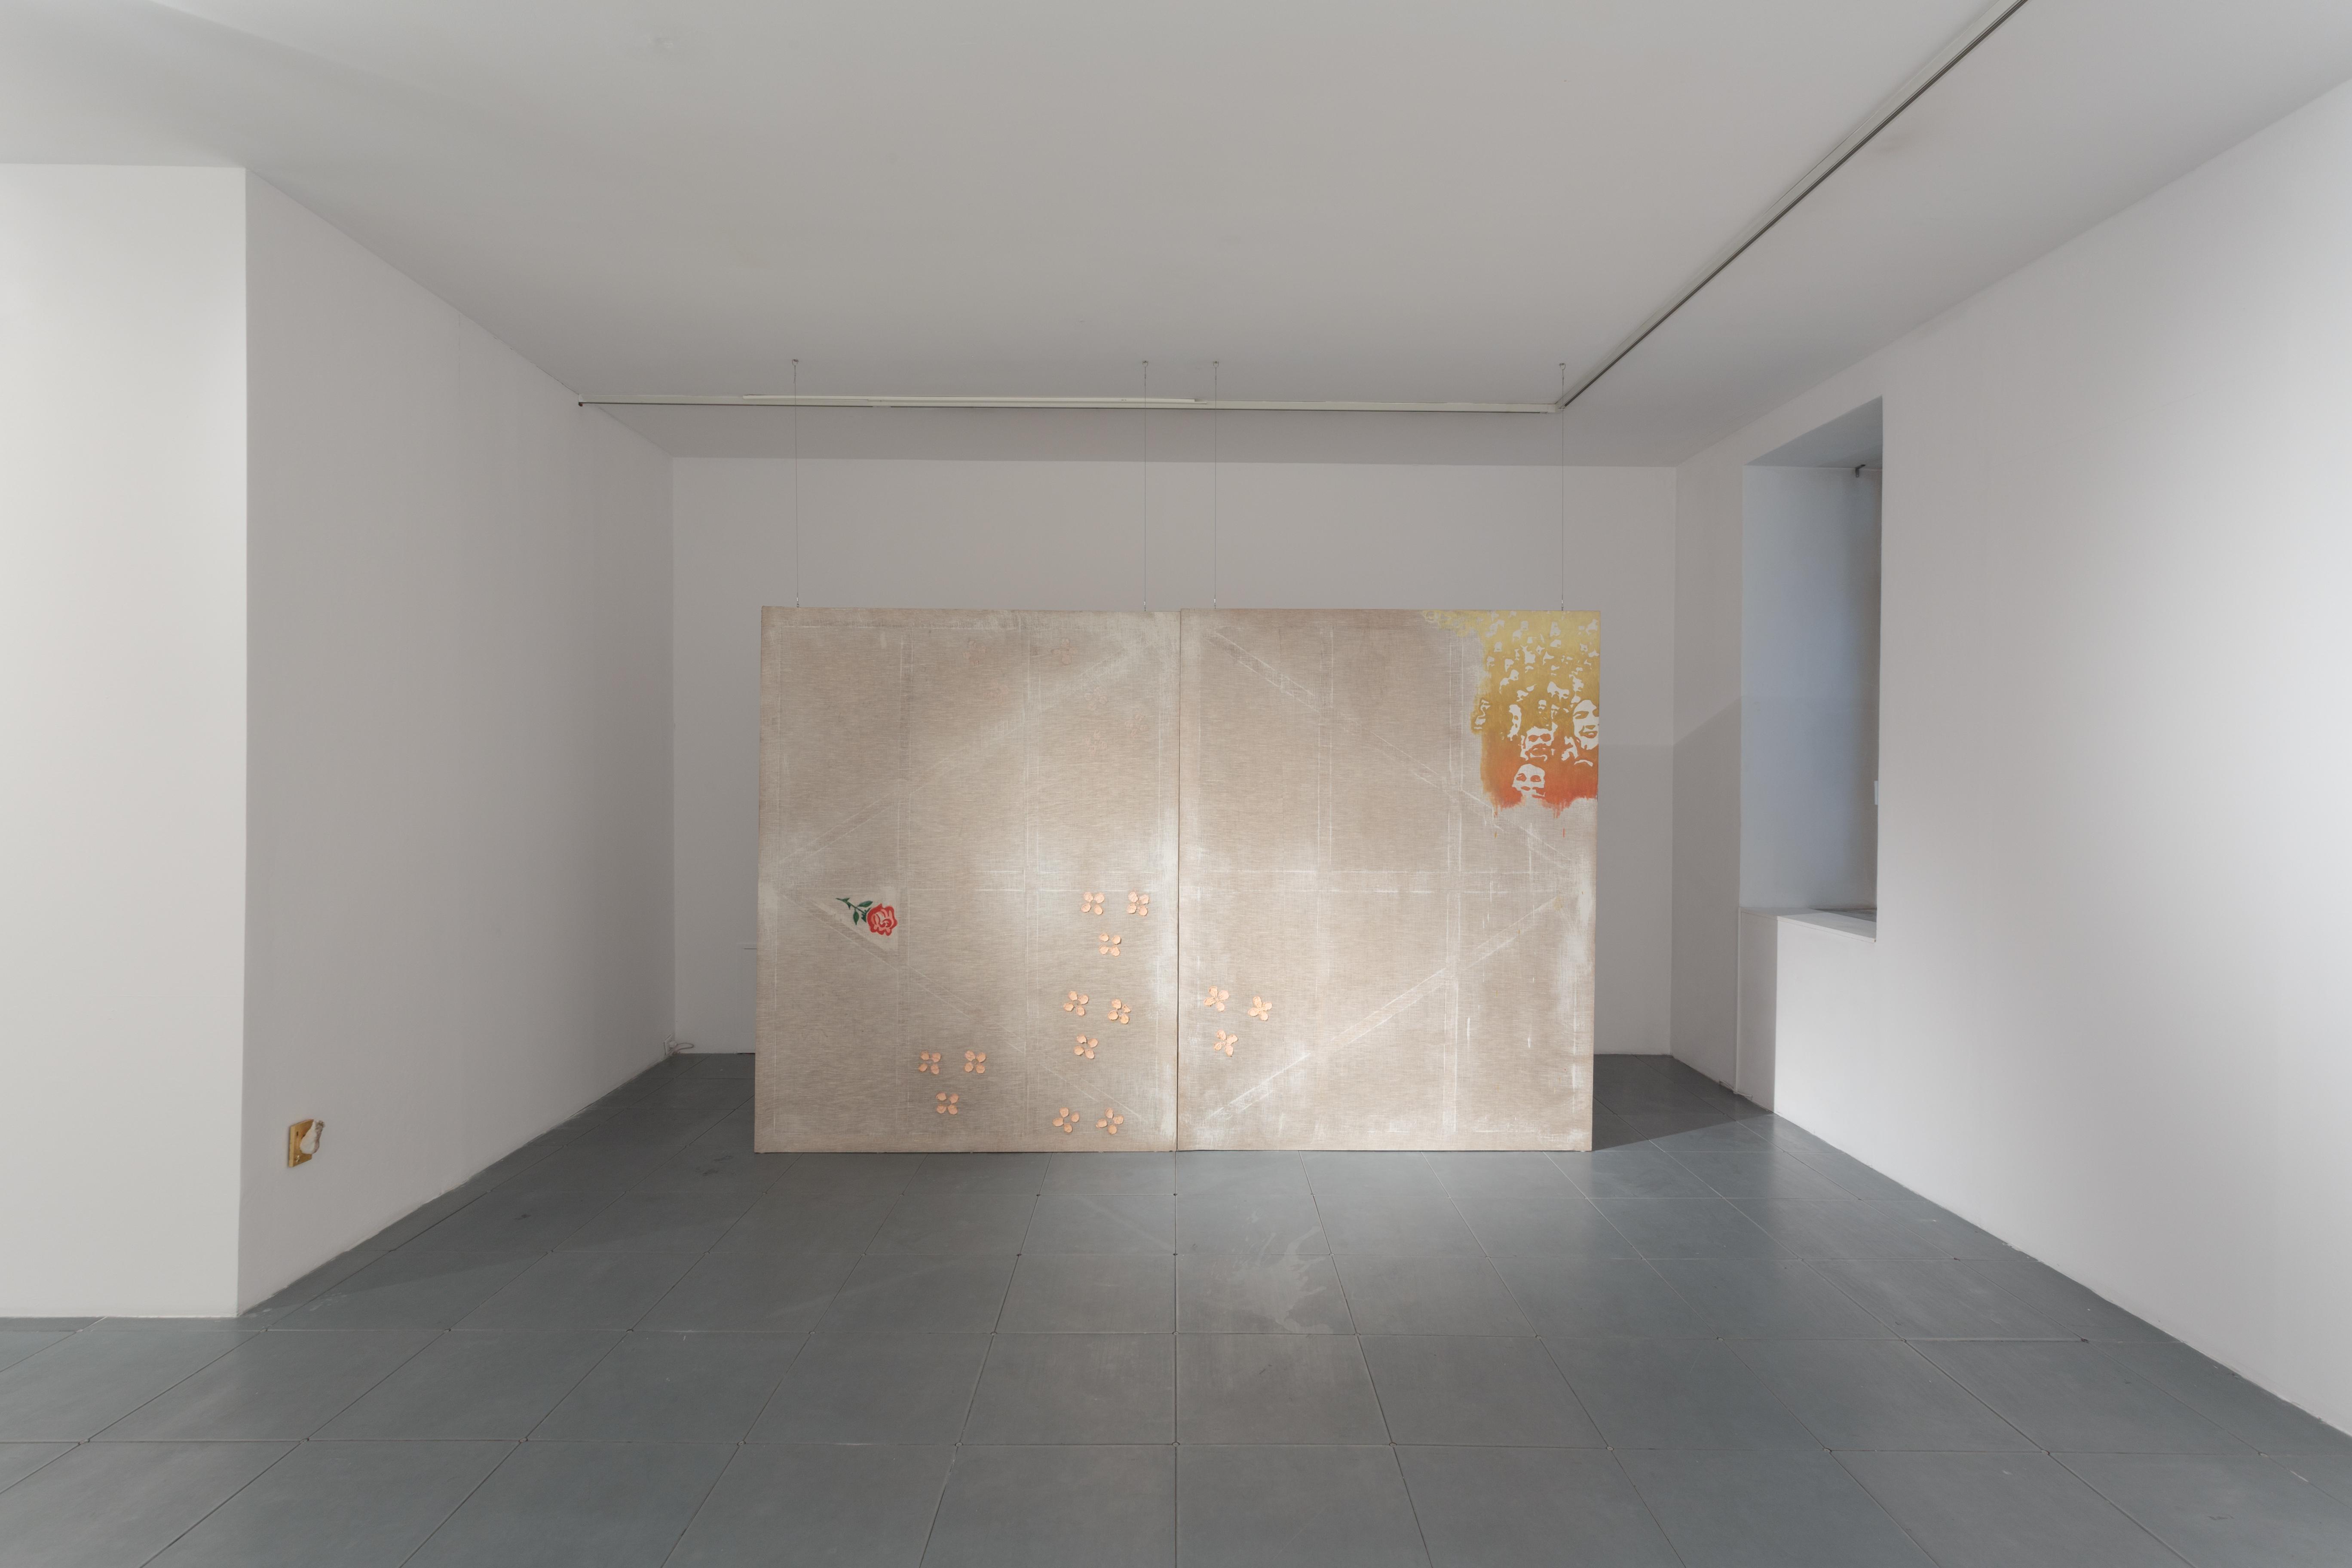 """Jiri David, """"...bezczasowy czas - faktycznie nic się niedzieje!"""", widok wystawy, dzięki uprzejmości Galerii Le Guern iartysty"""